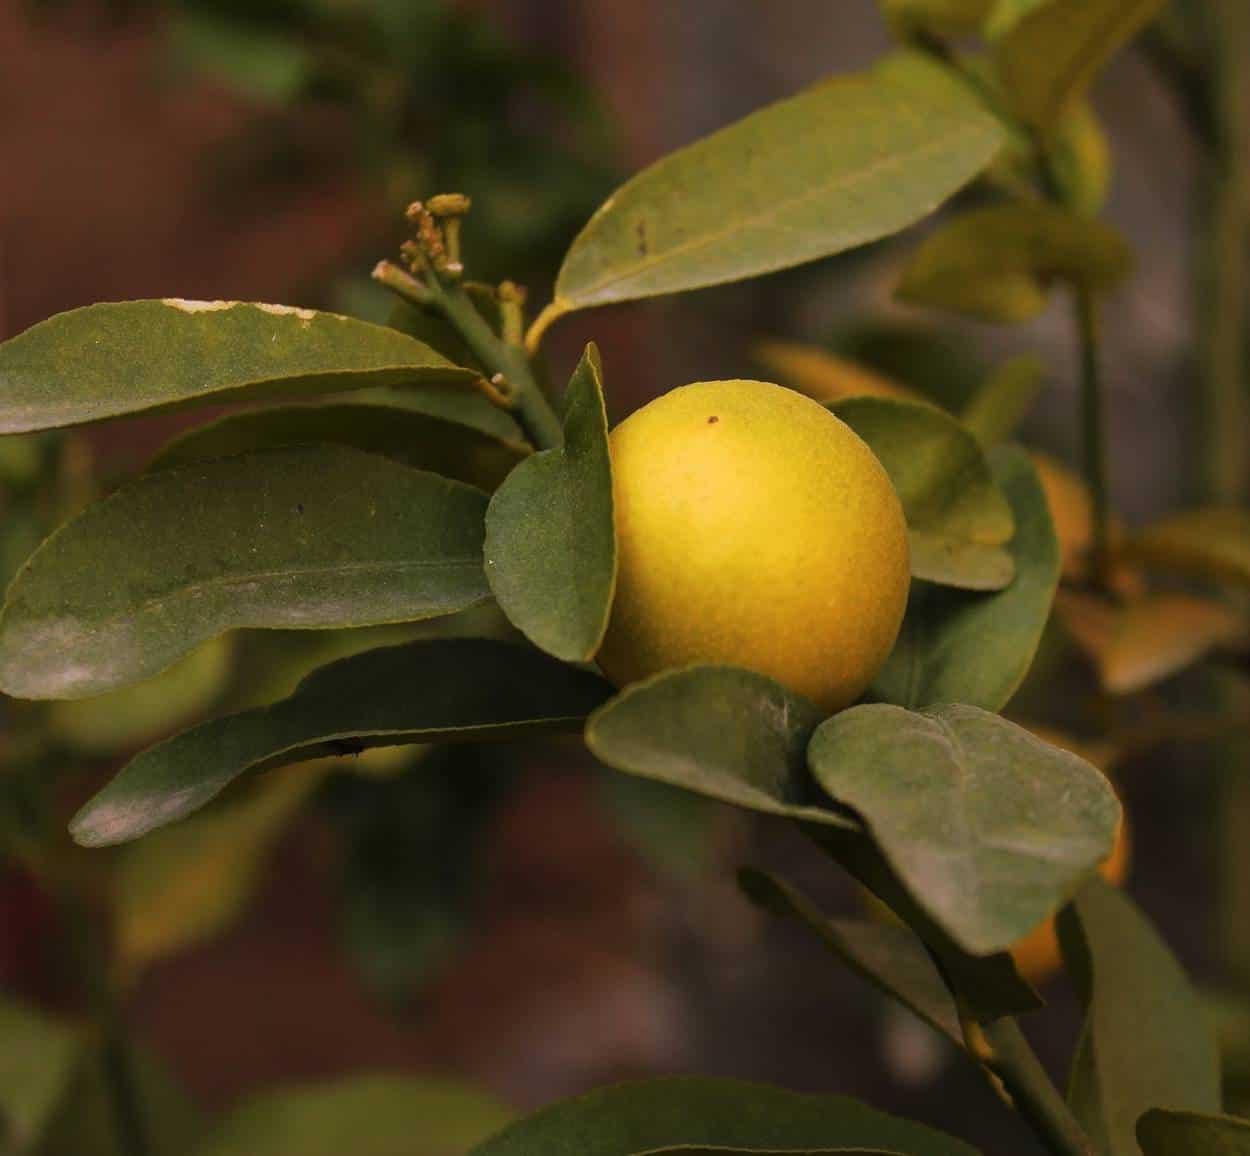 Insetti parassiti del limone: riconoscimento e difesa